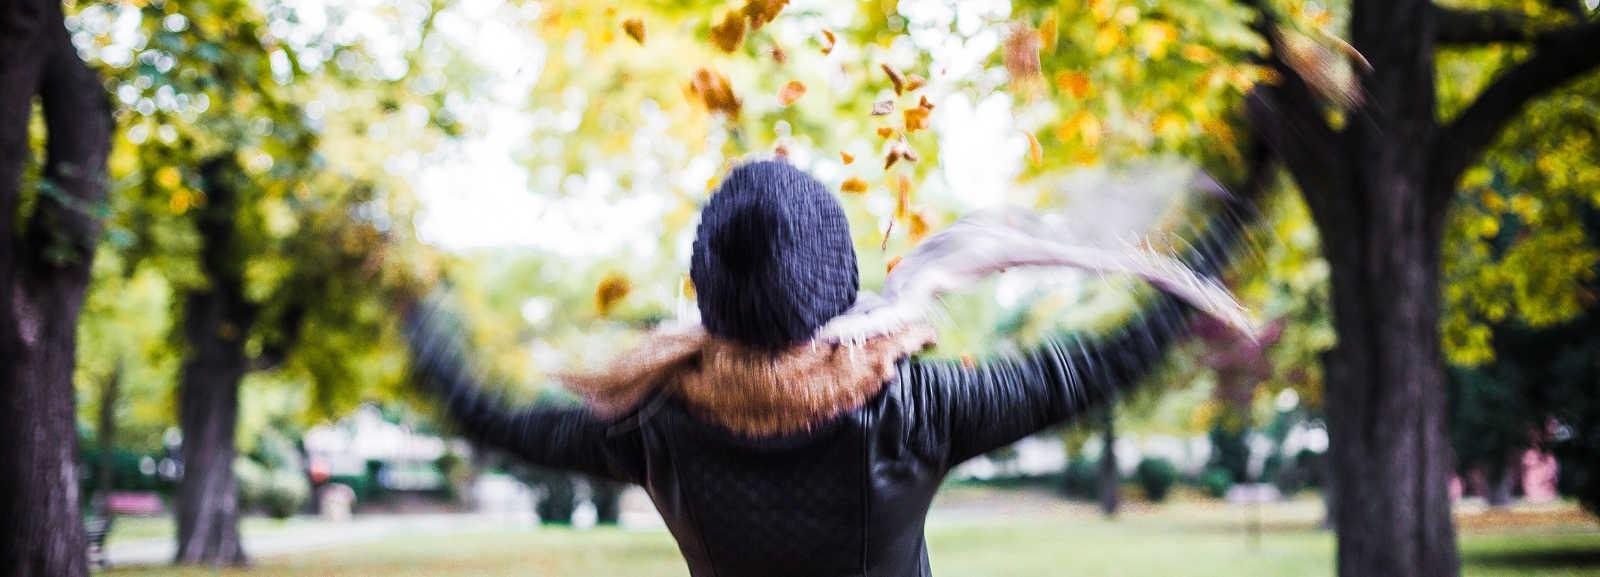 Flicka kastar löv